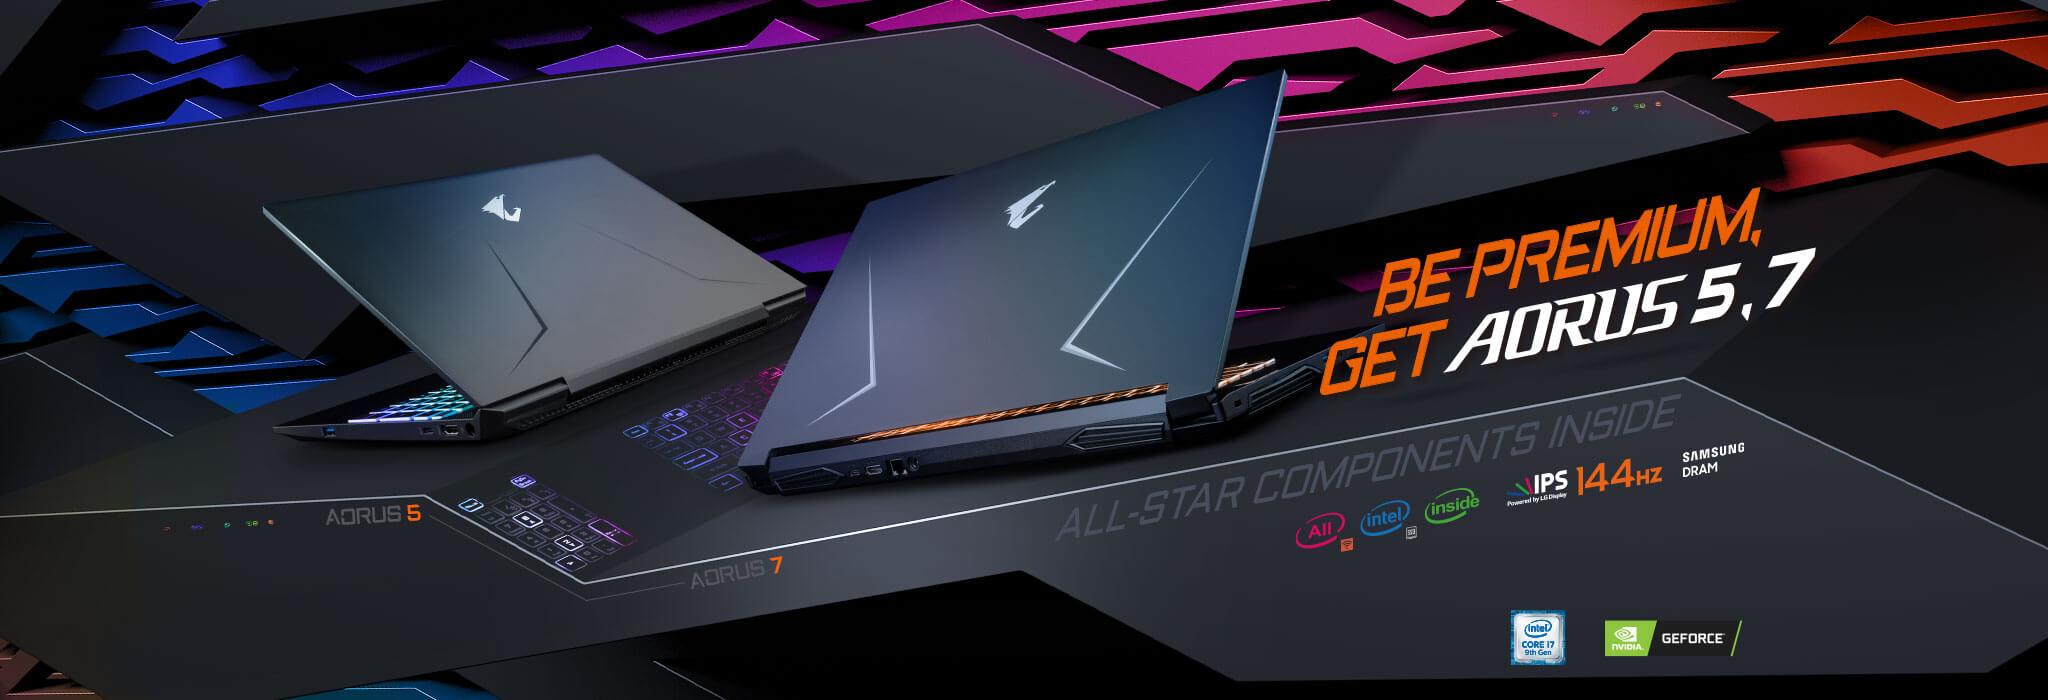 Laptop - GIGABYTE Global